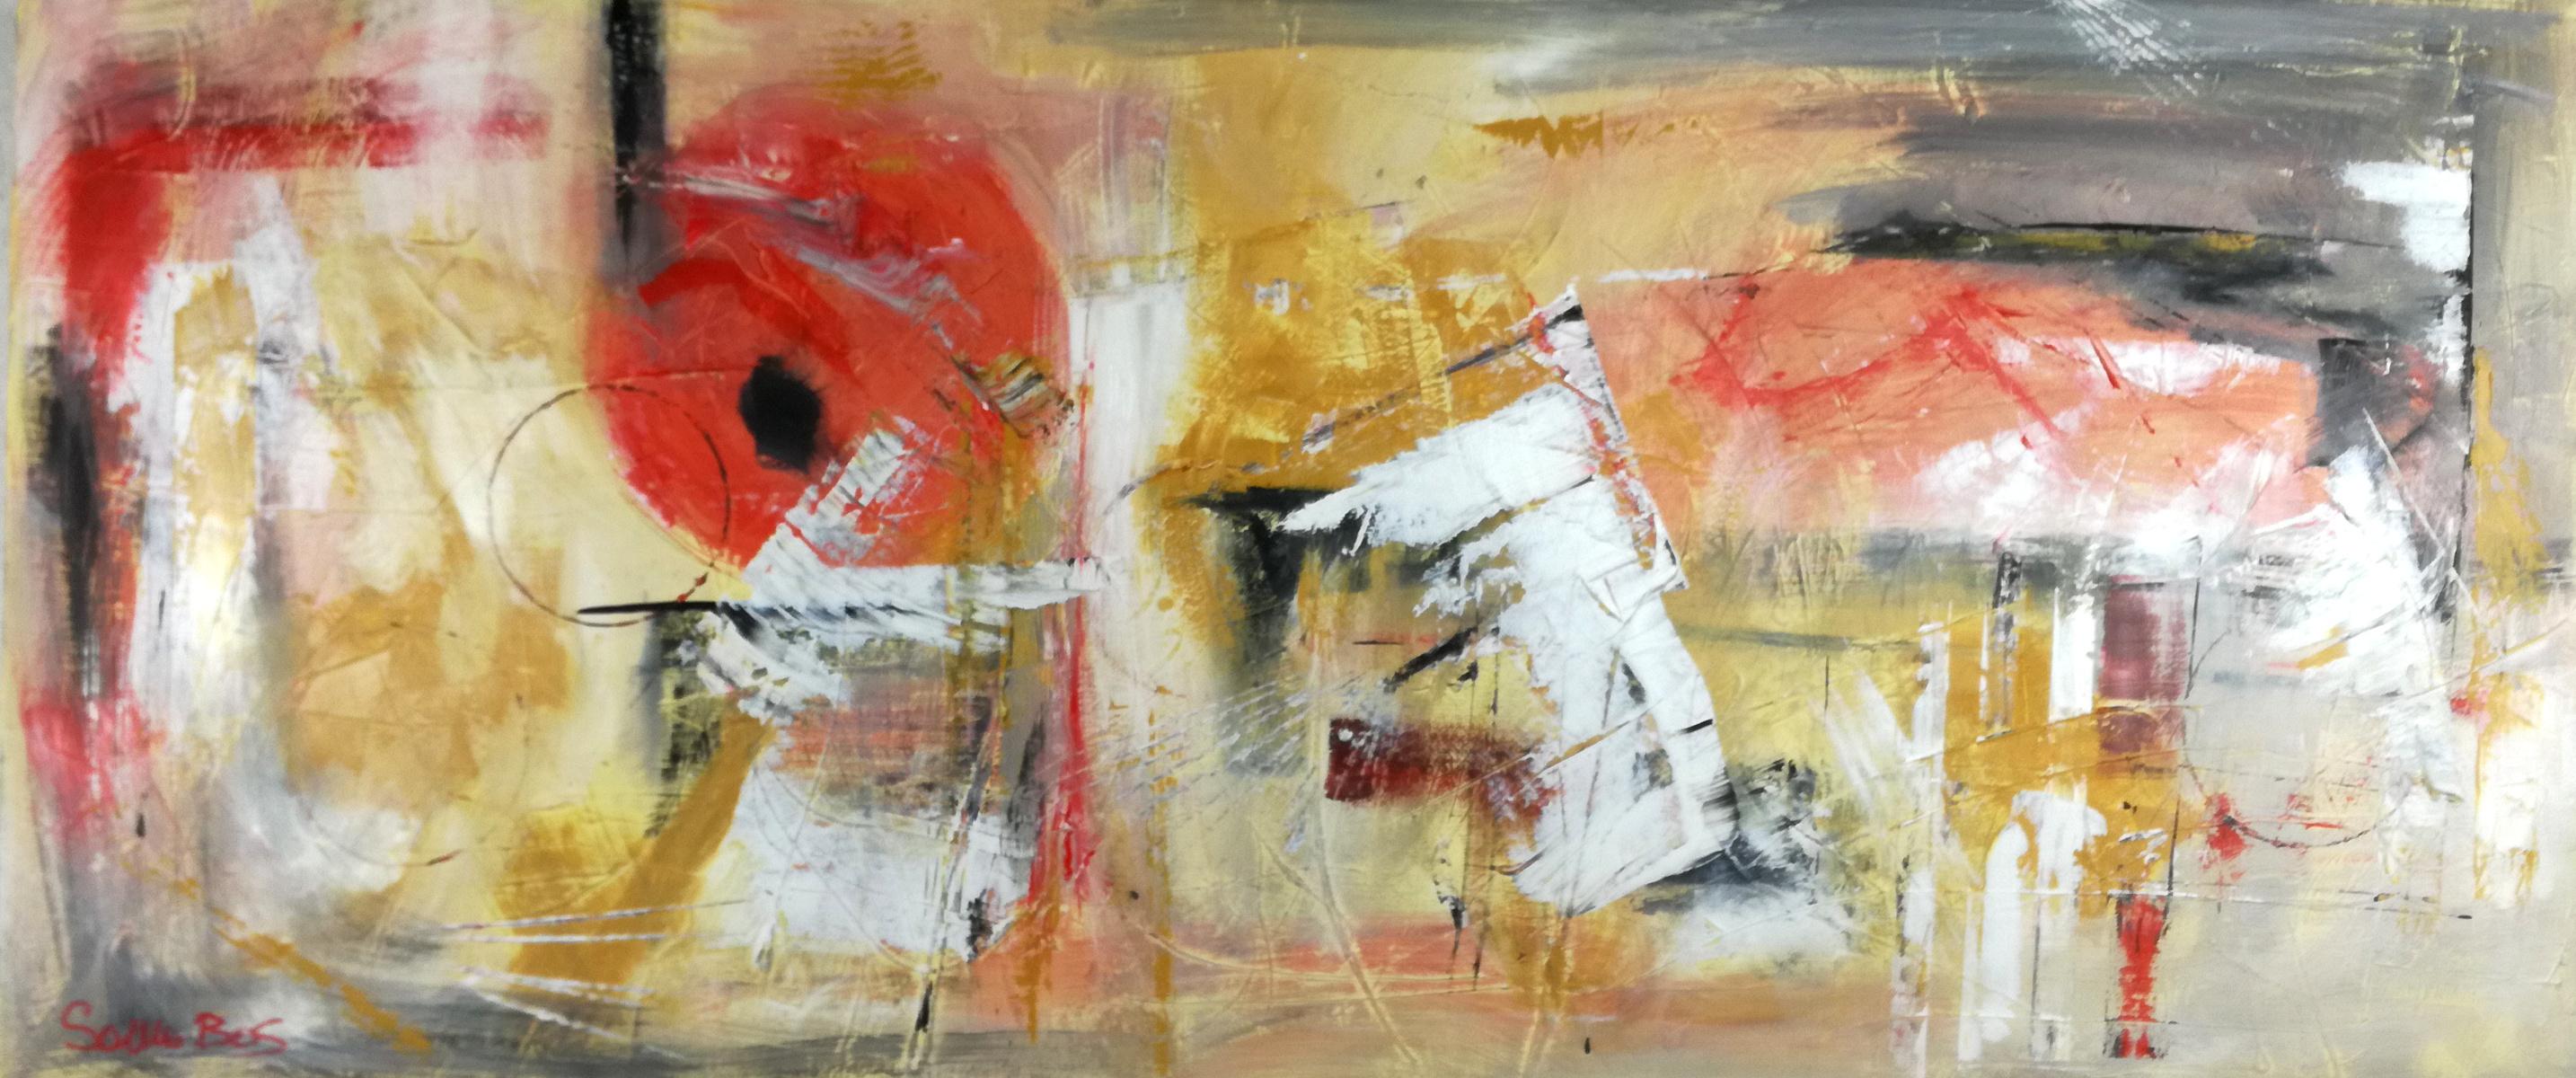 quadro moderno c01 artfinder - quadri astratti informali per soggiorno 150x65